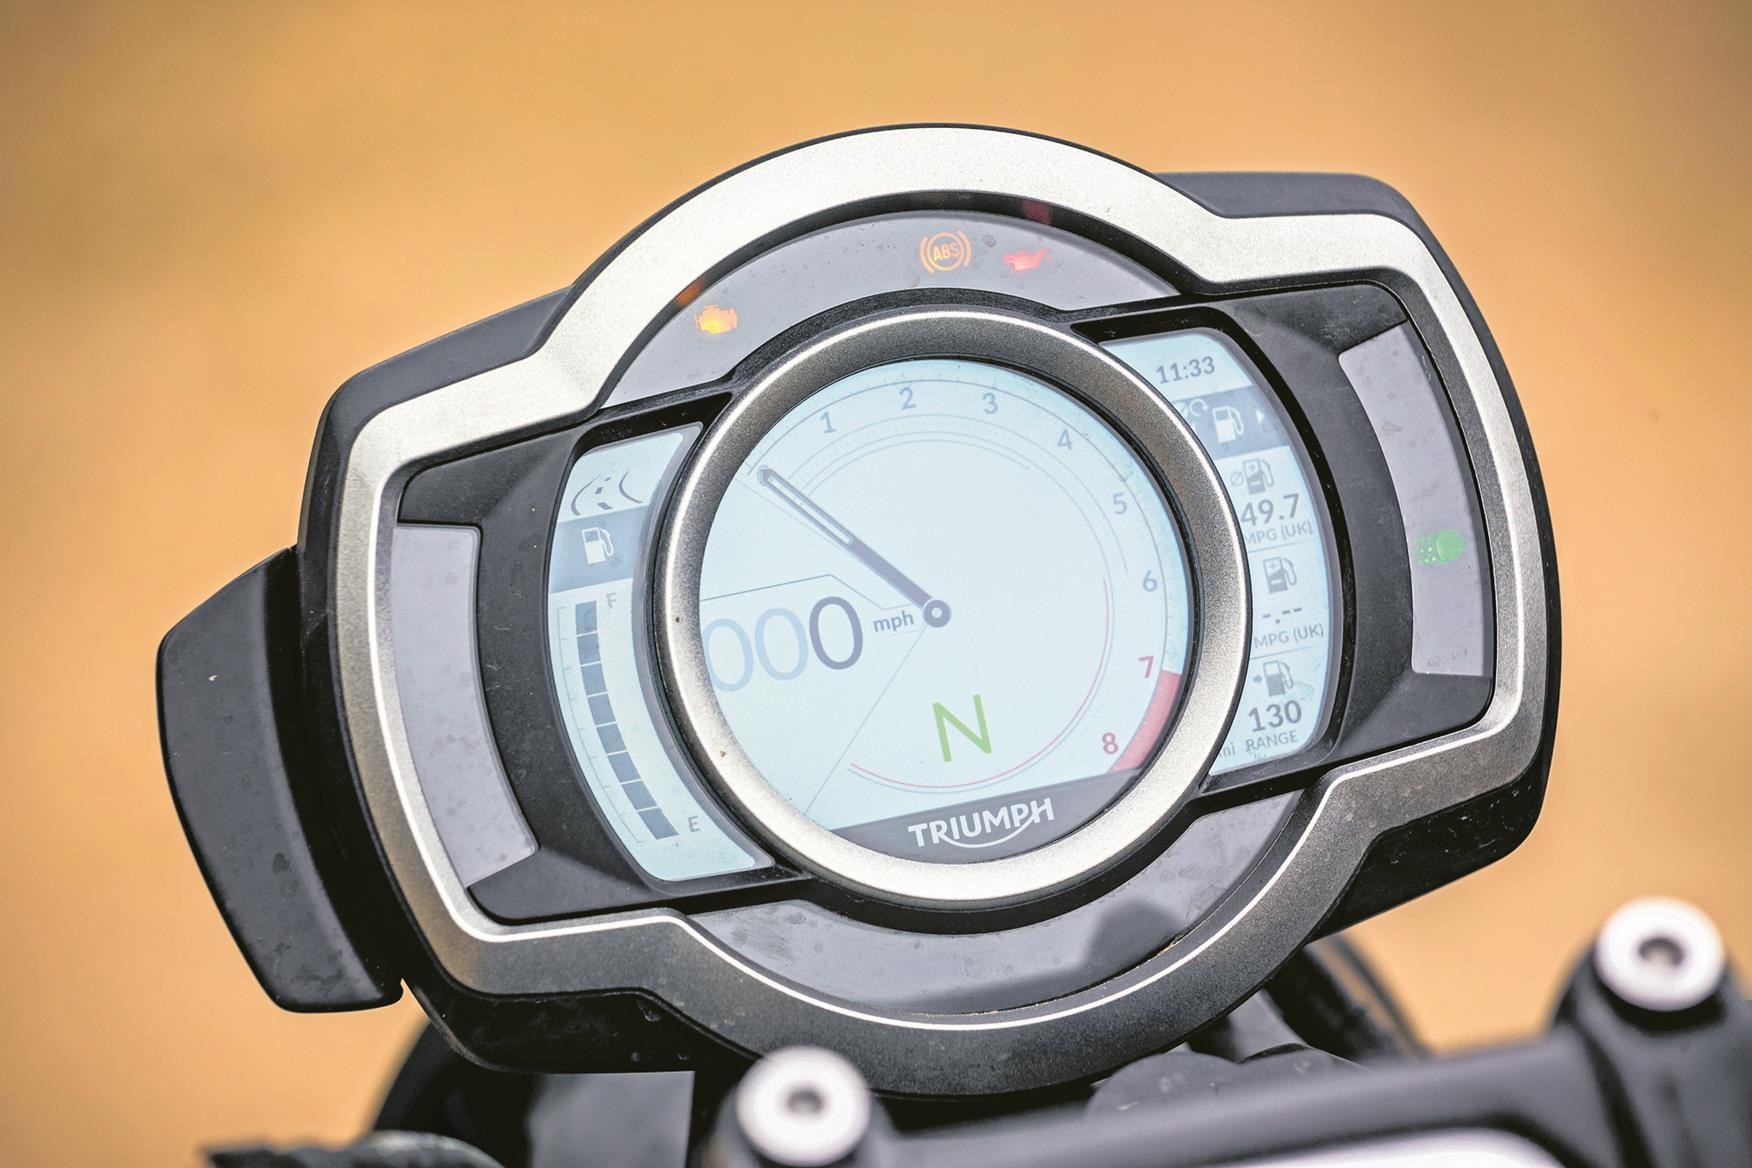 Triumph Scrambler 1200 XE clocks